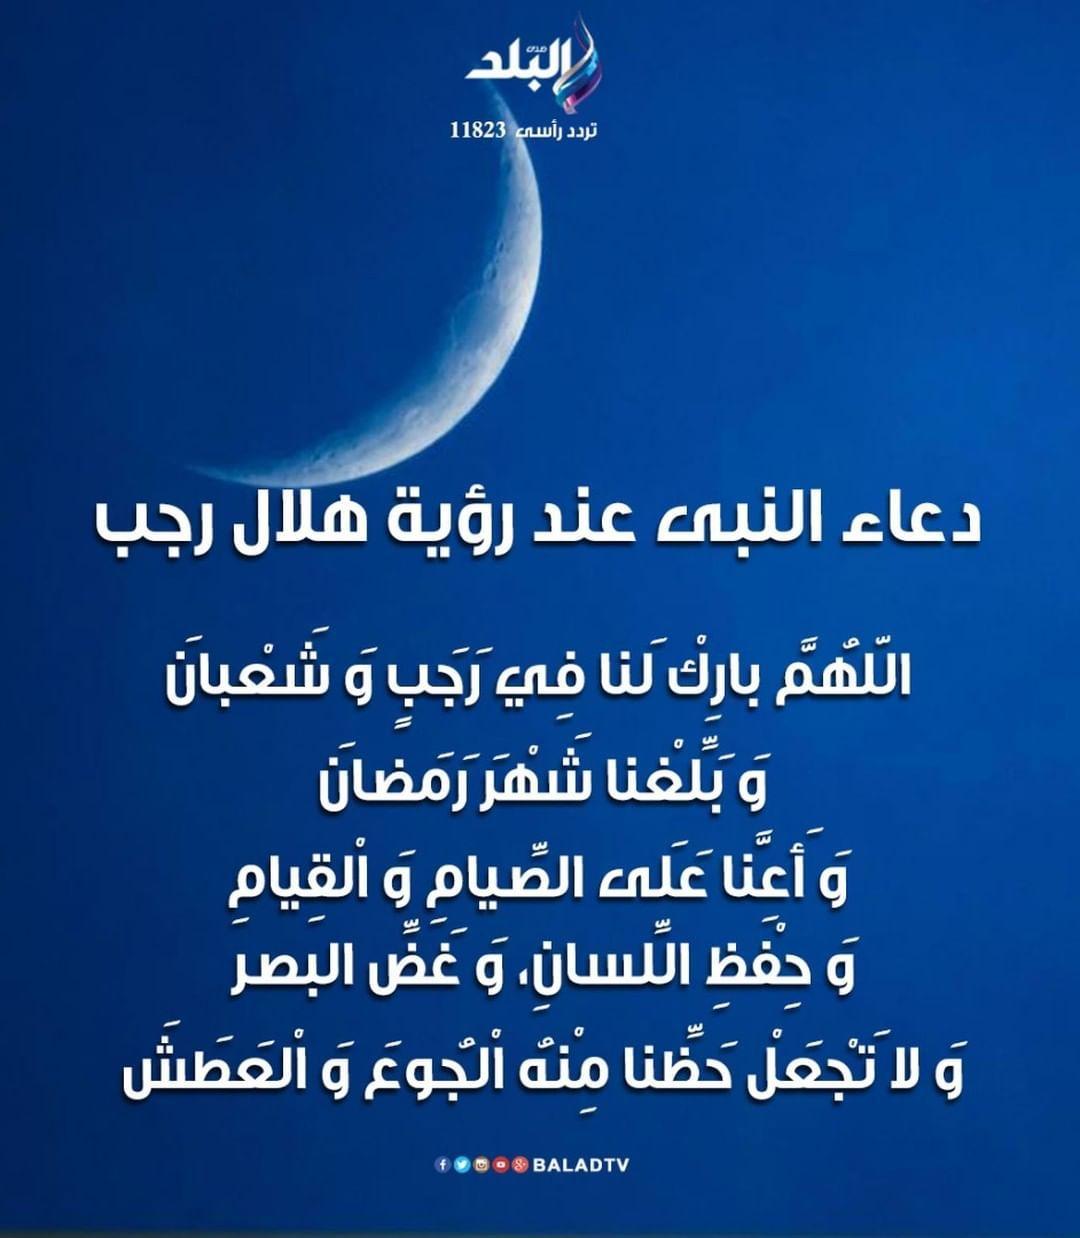 Elbalad Tv On Instagram دعاء النبى صلى الله غليه وسلم عند رؤية هلال شهر رجب اللهم آمين صدى البلد Celestial Body